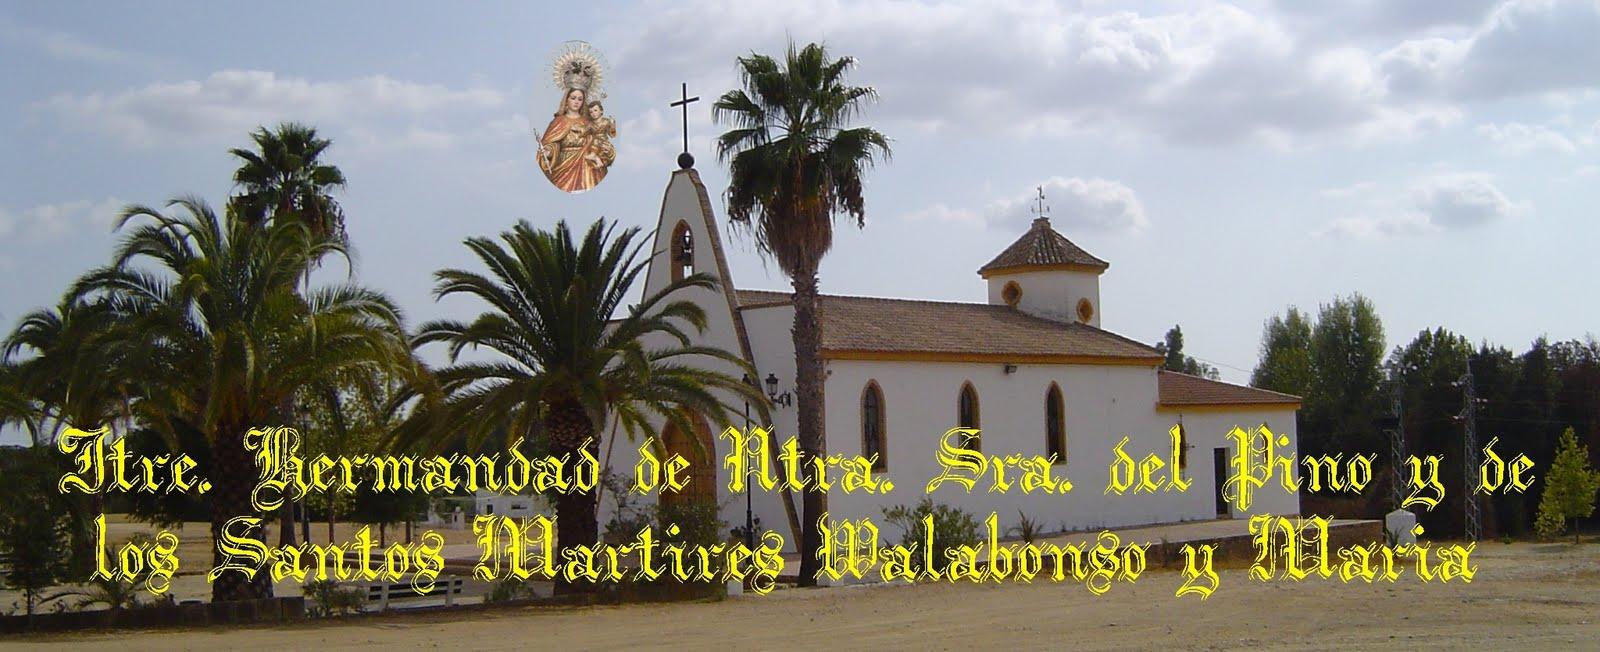 Ilustrísima Hermandad de Nuestra Señora del Pino y los Santos Mártires Walabonso y María